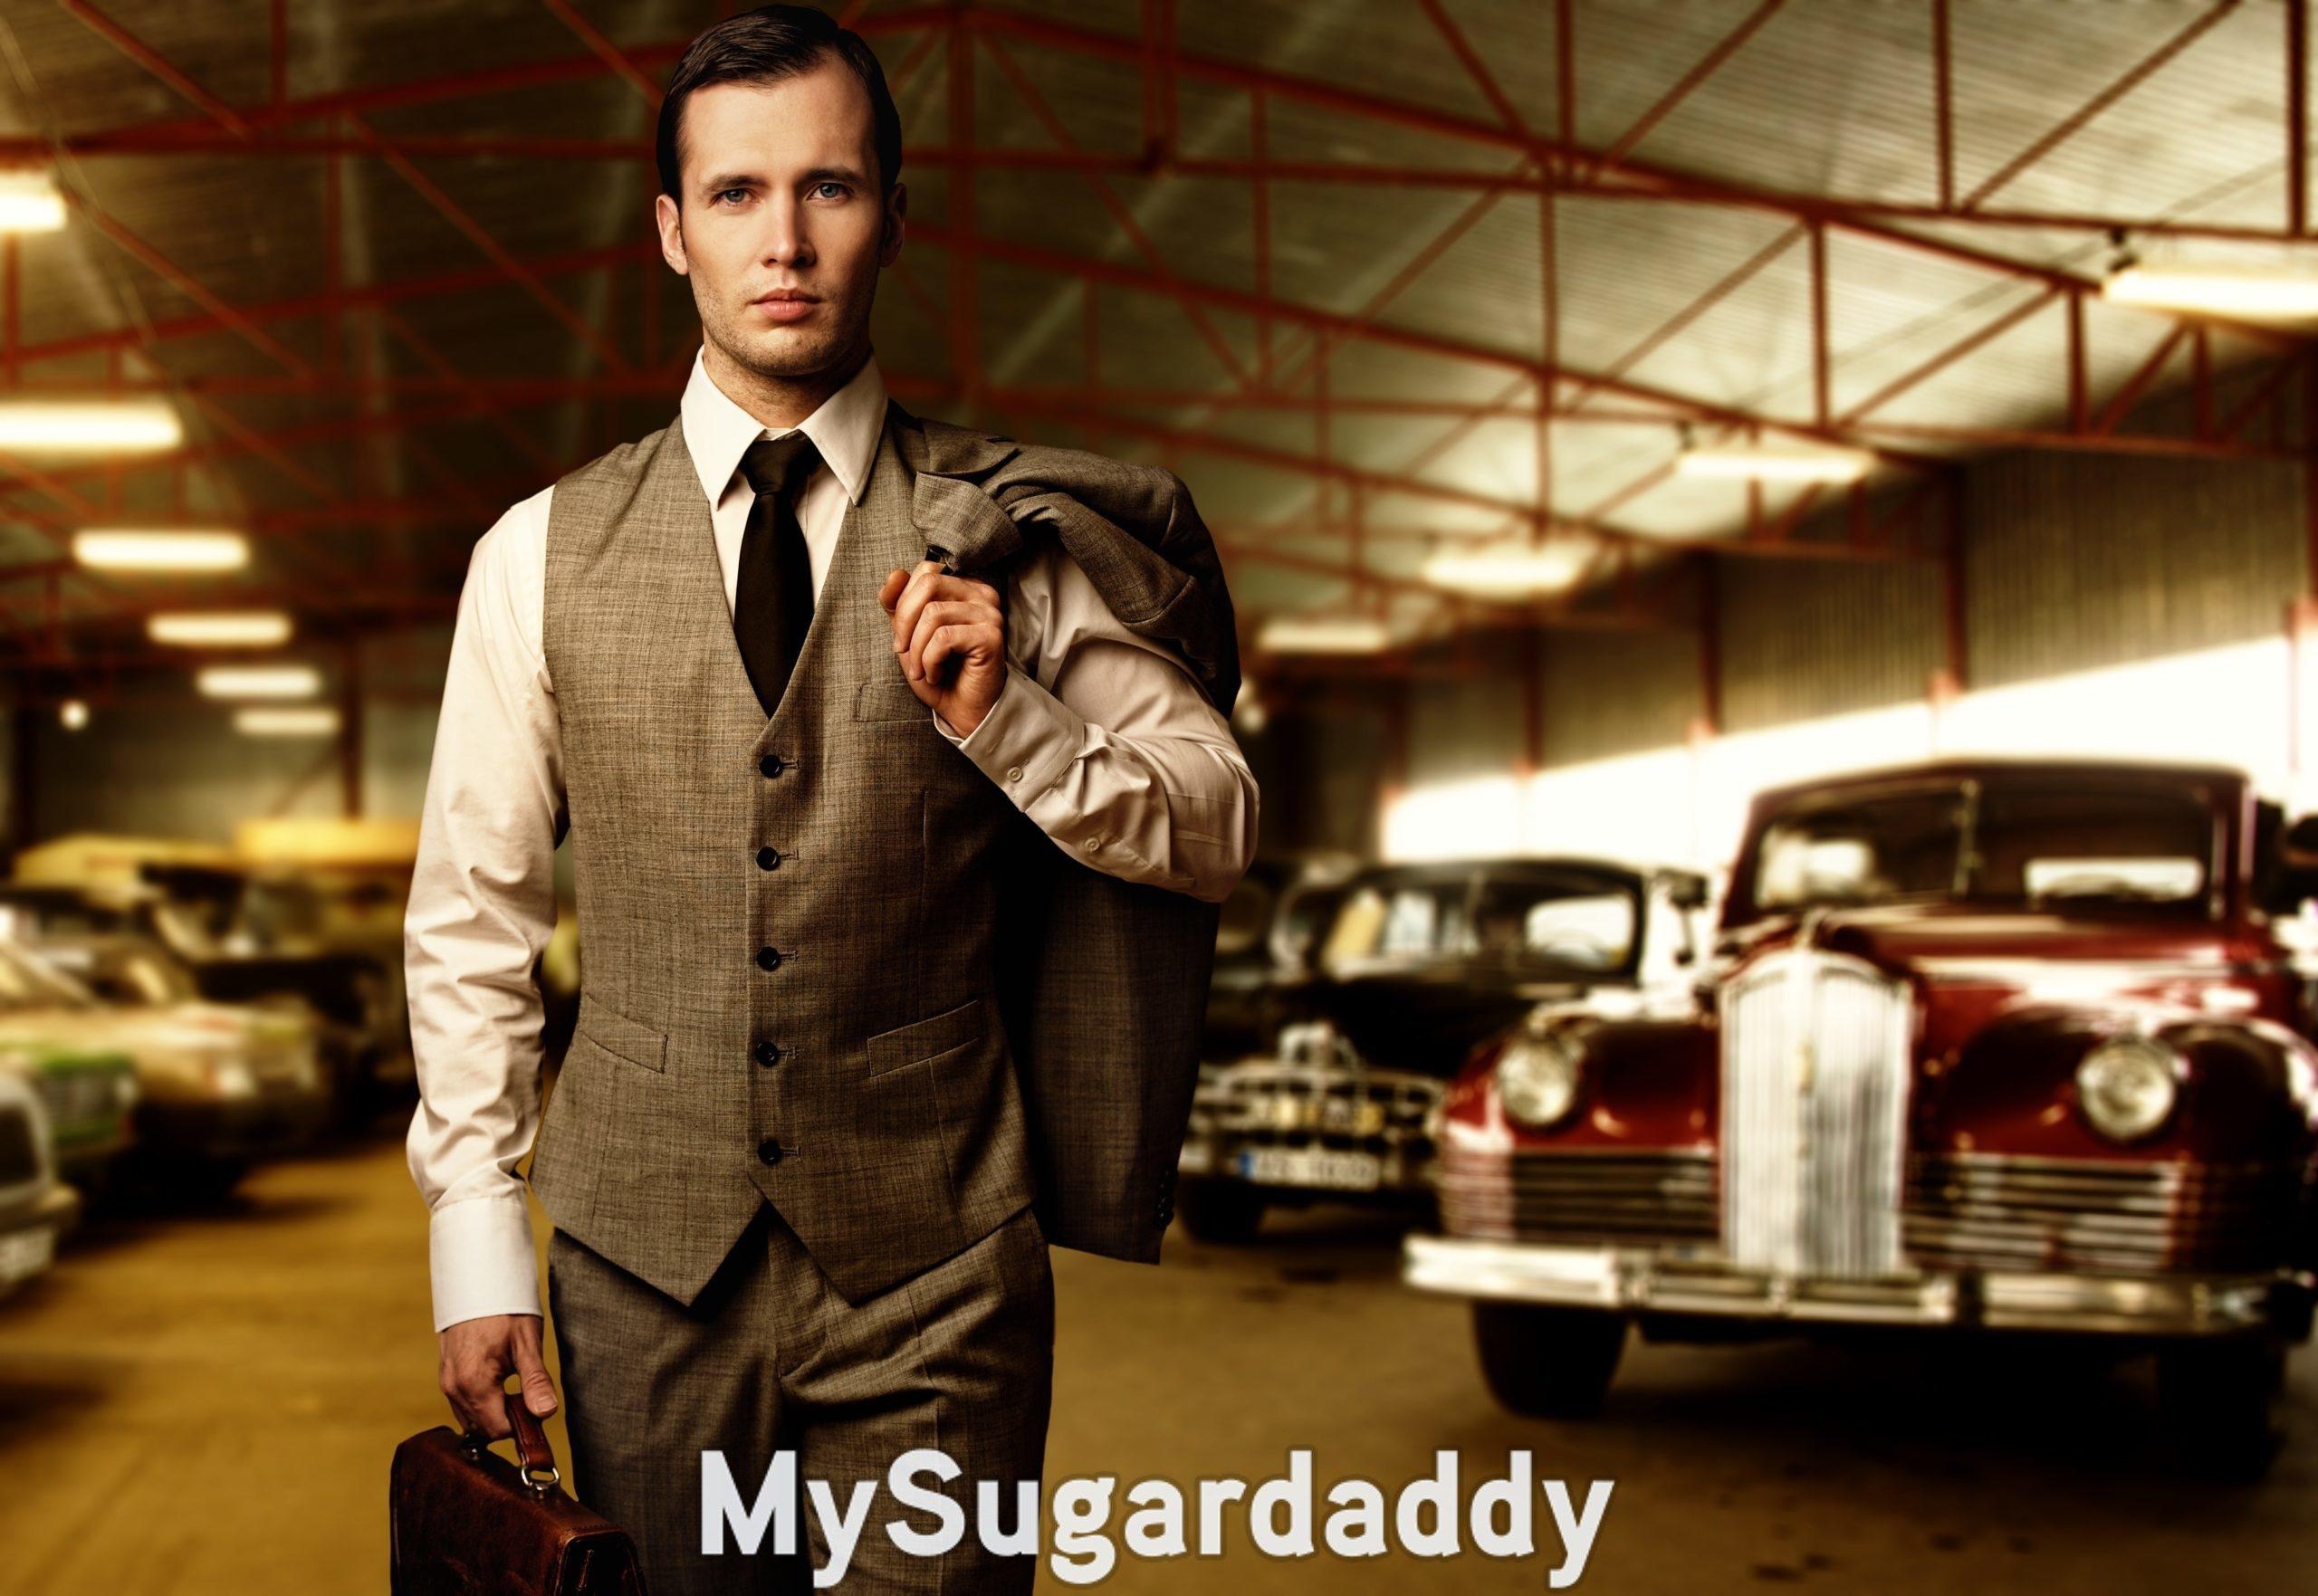 Día del Sugar Daddy